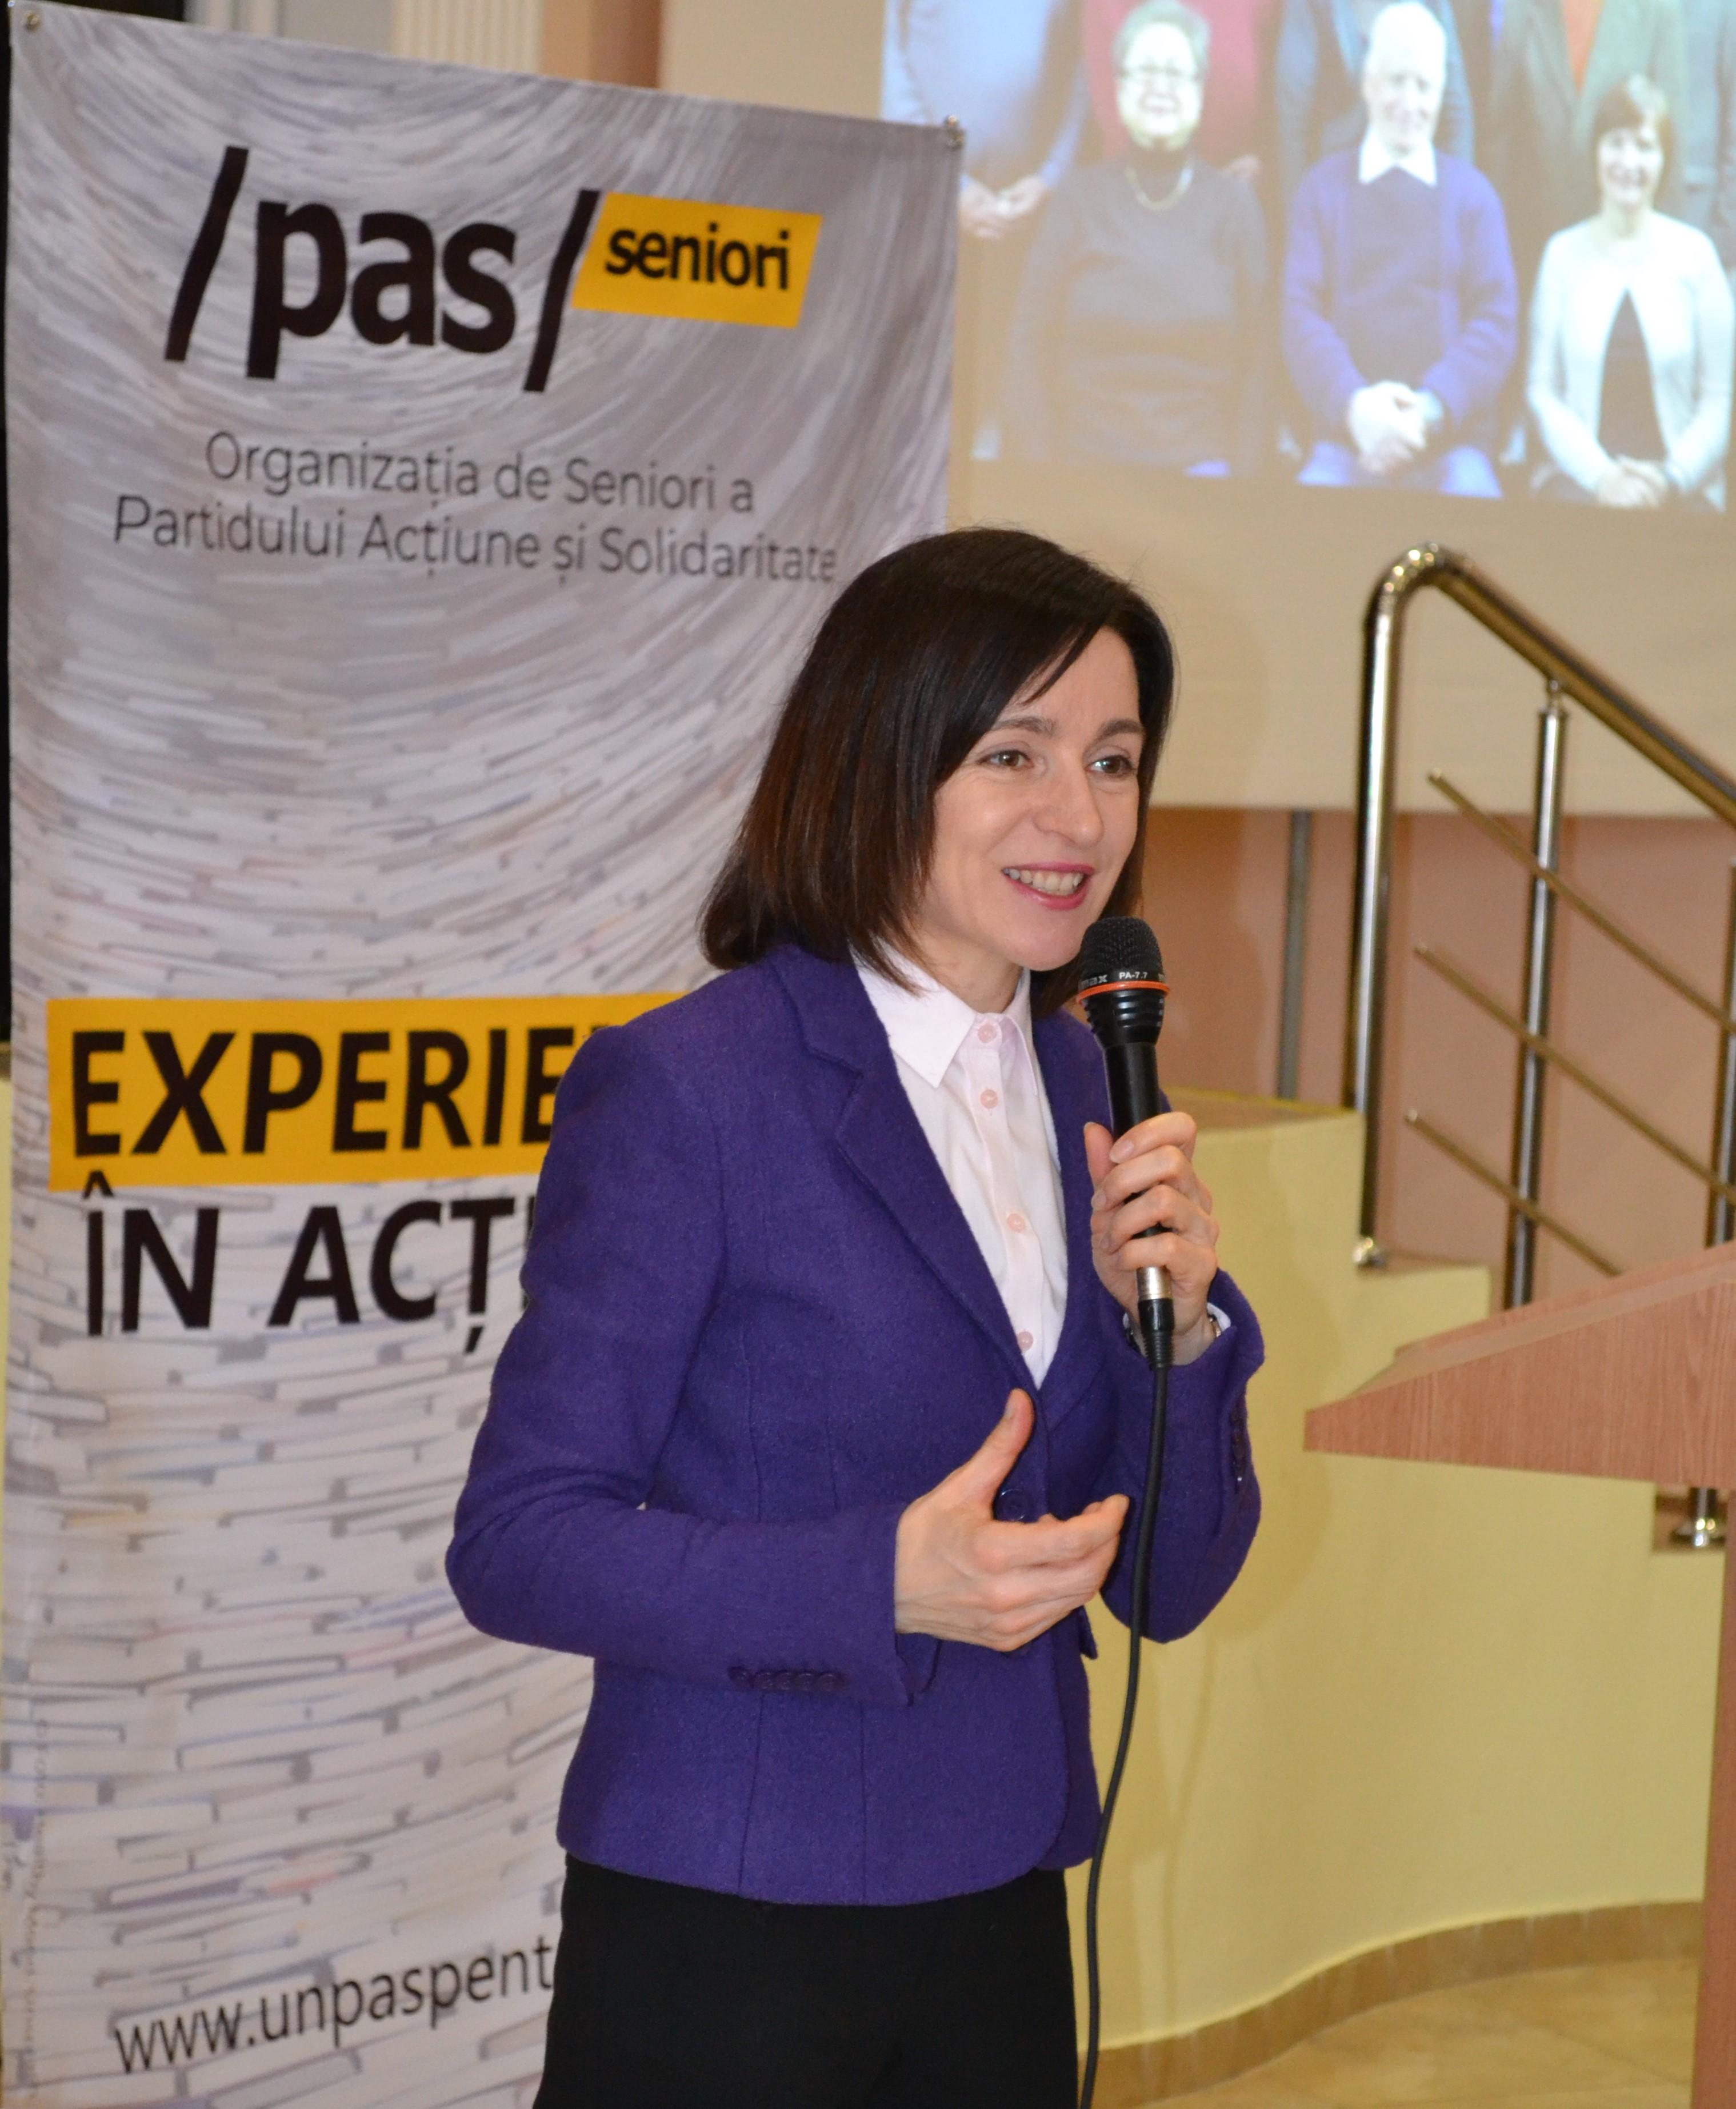 PAS și-a constituit Organizația de Seniori: Va fi condusă de…